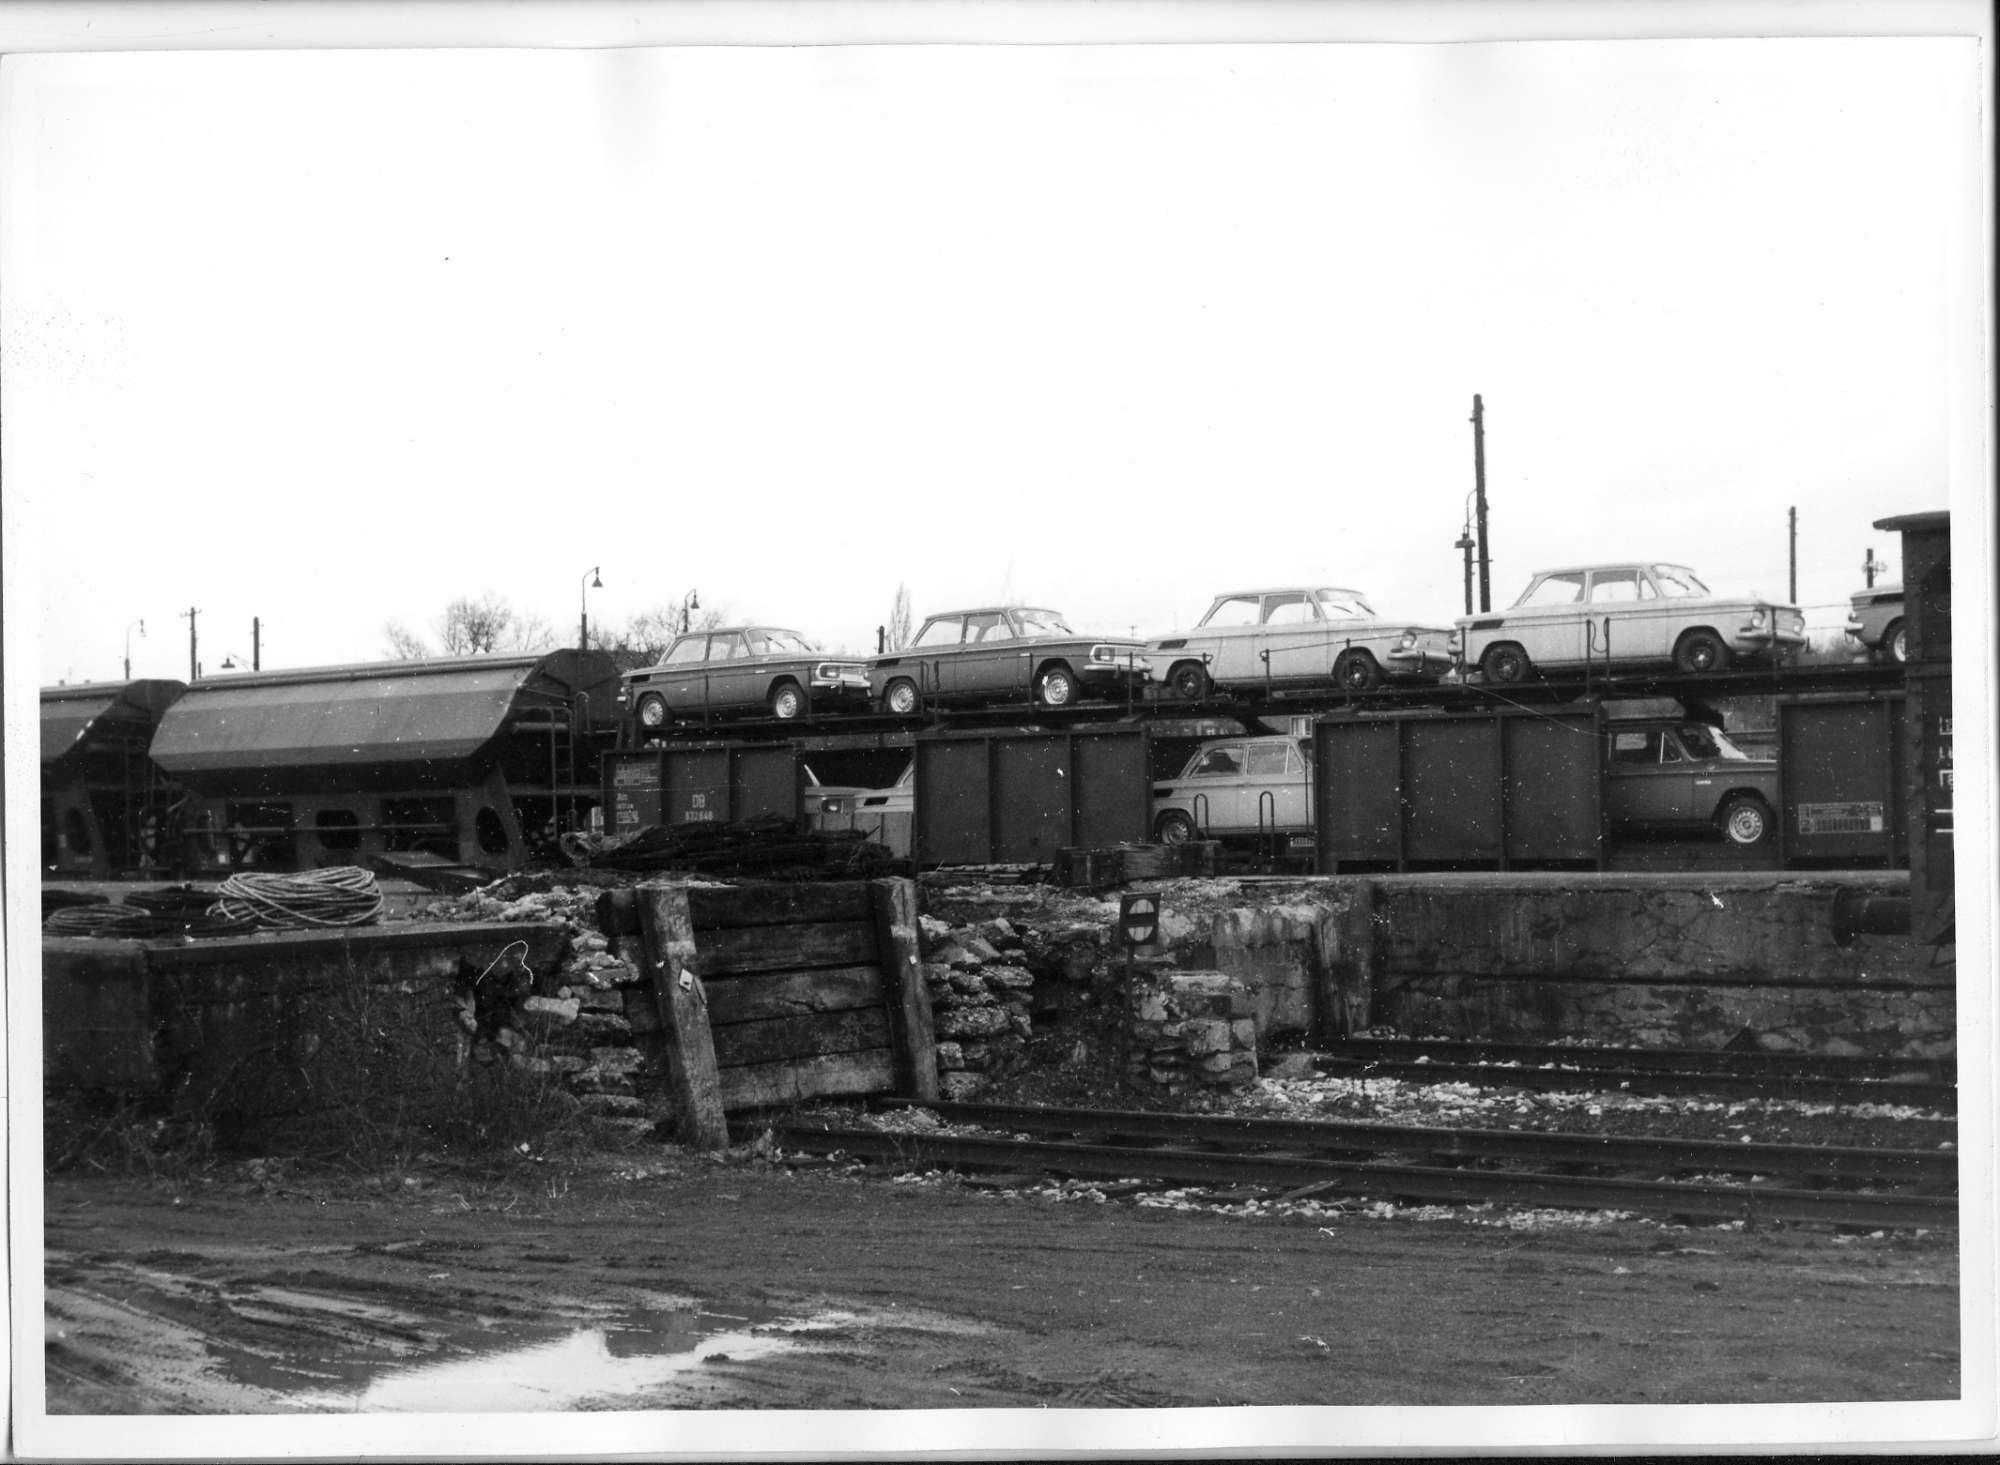 Neckarsulm, Gütergleis mit NSU-Autotransporter, Bild 1